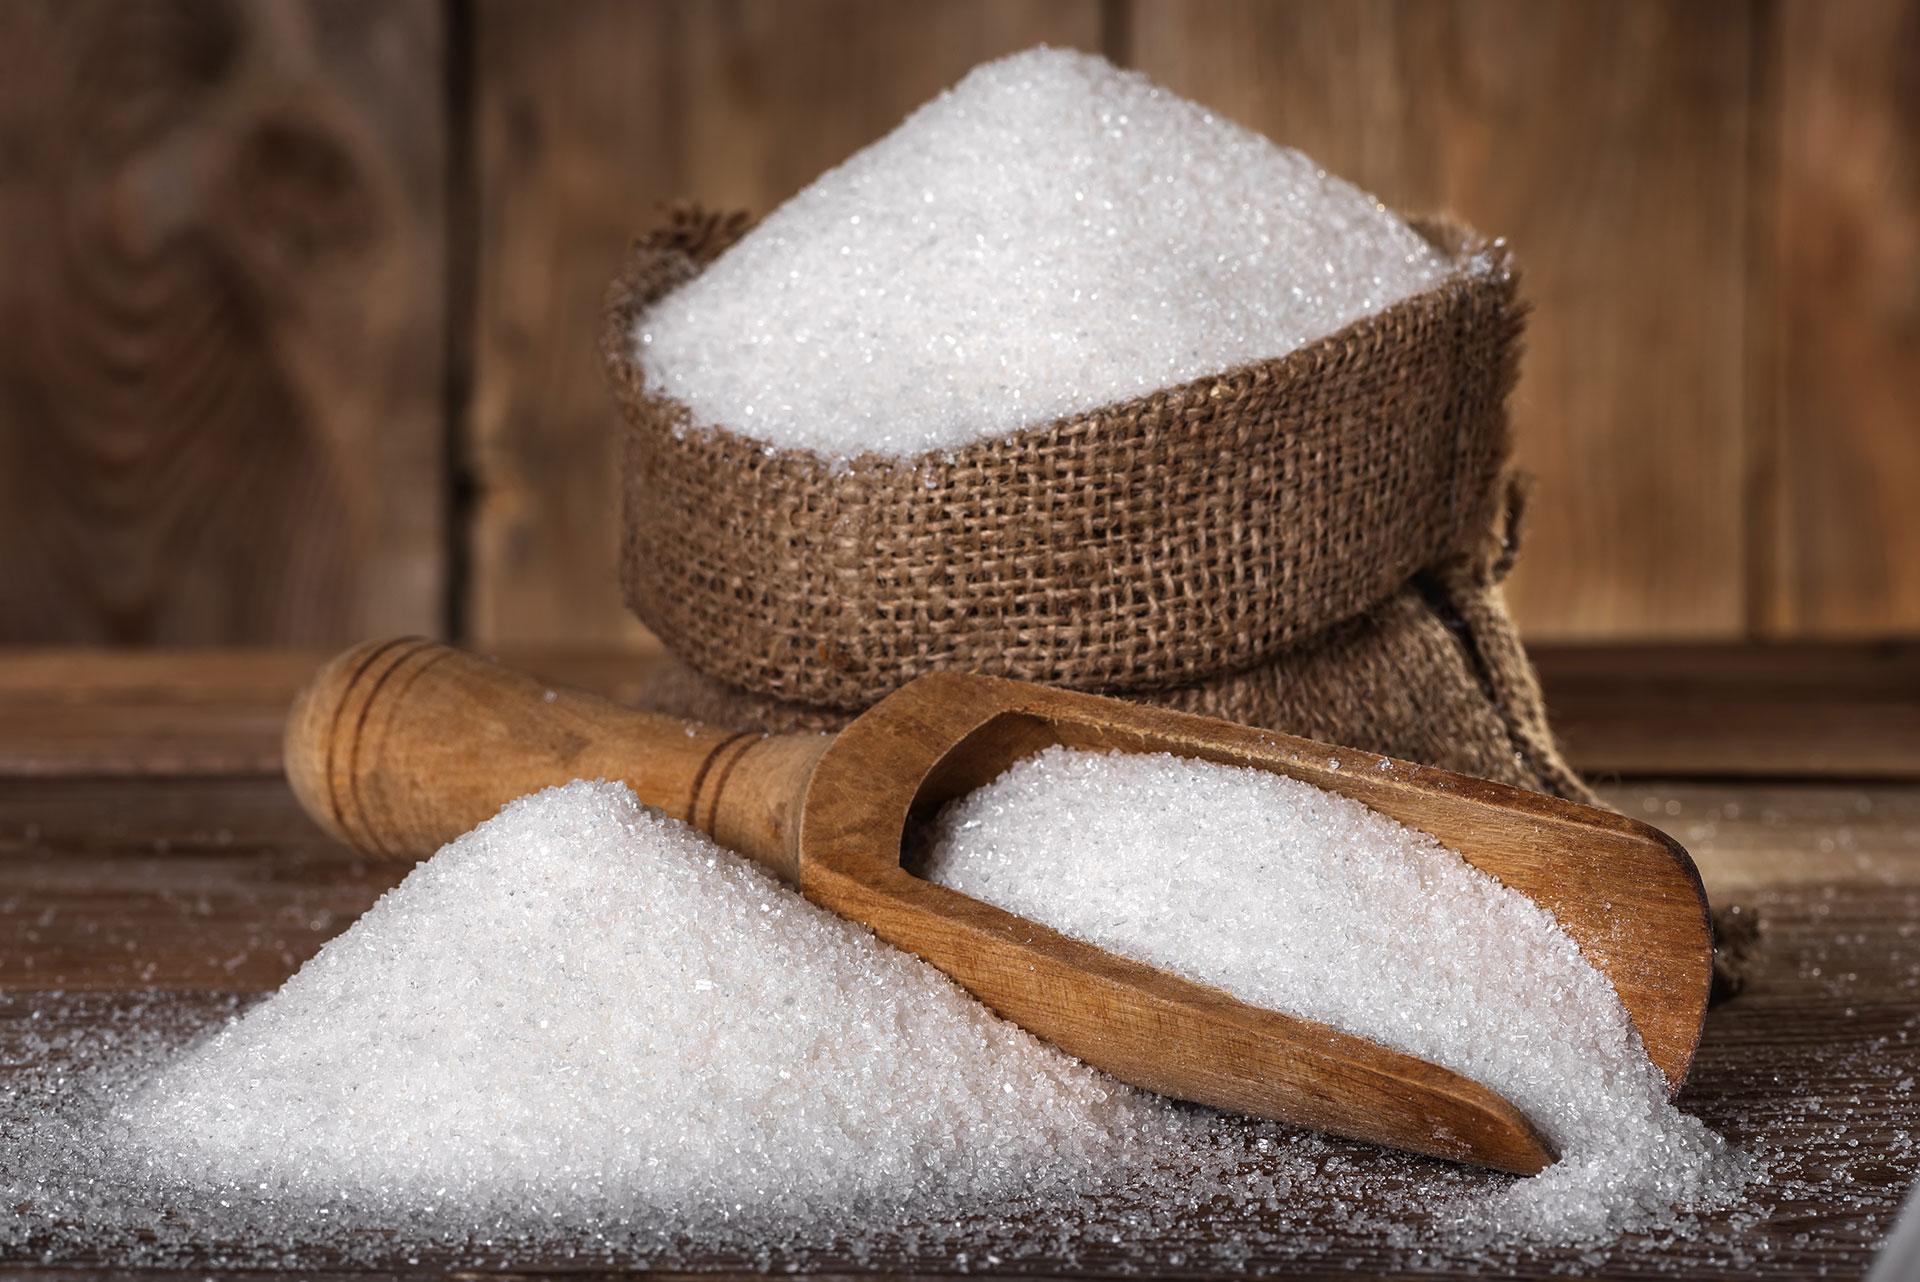 Cukier obecnie